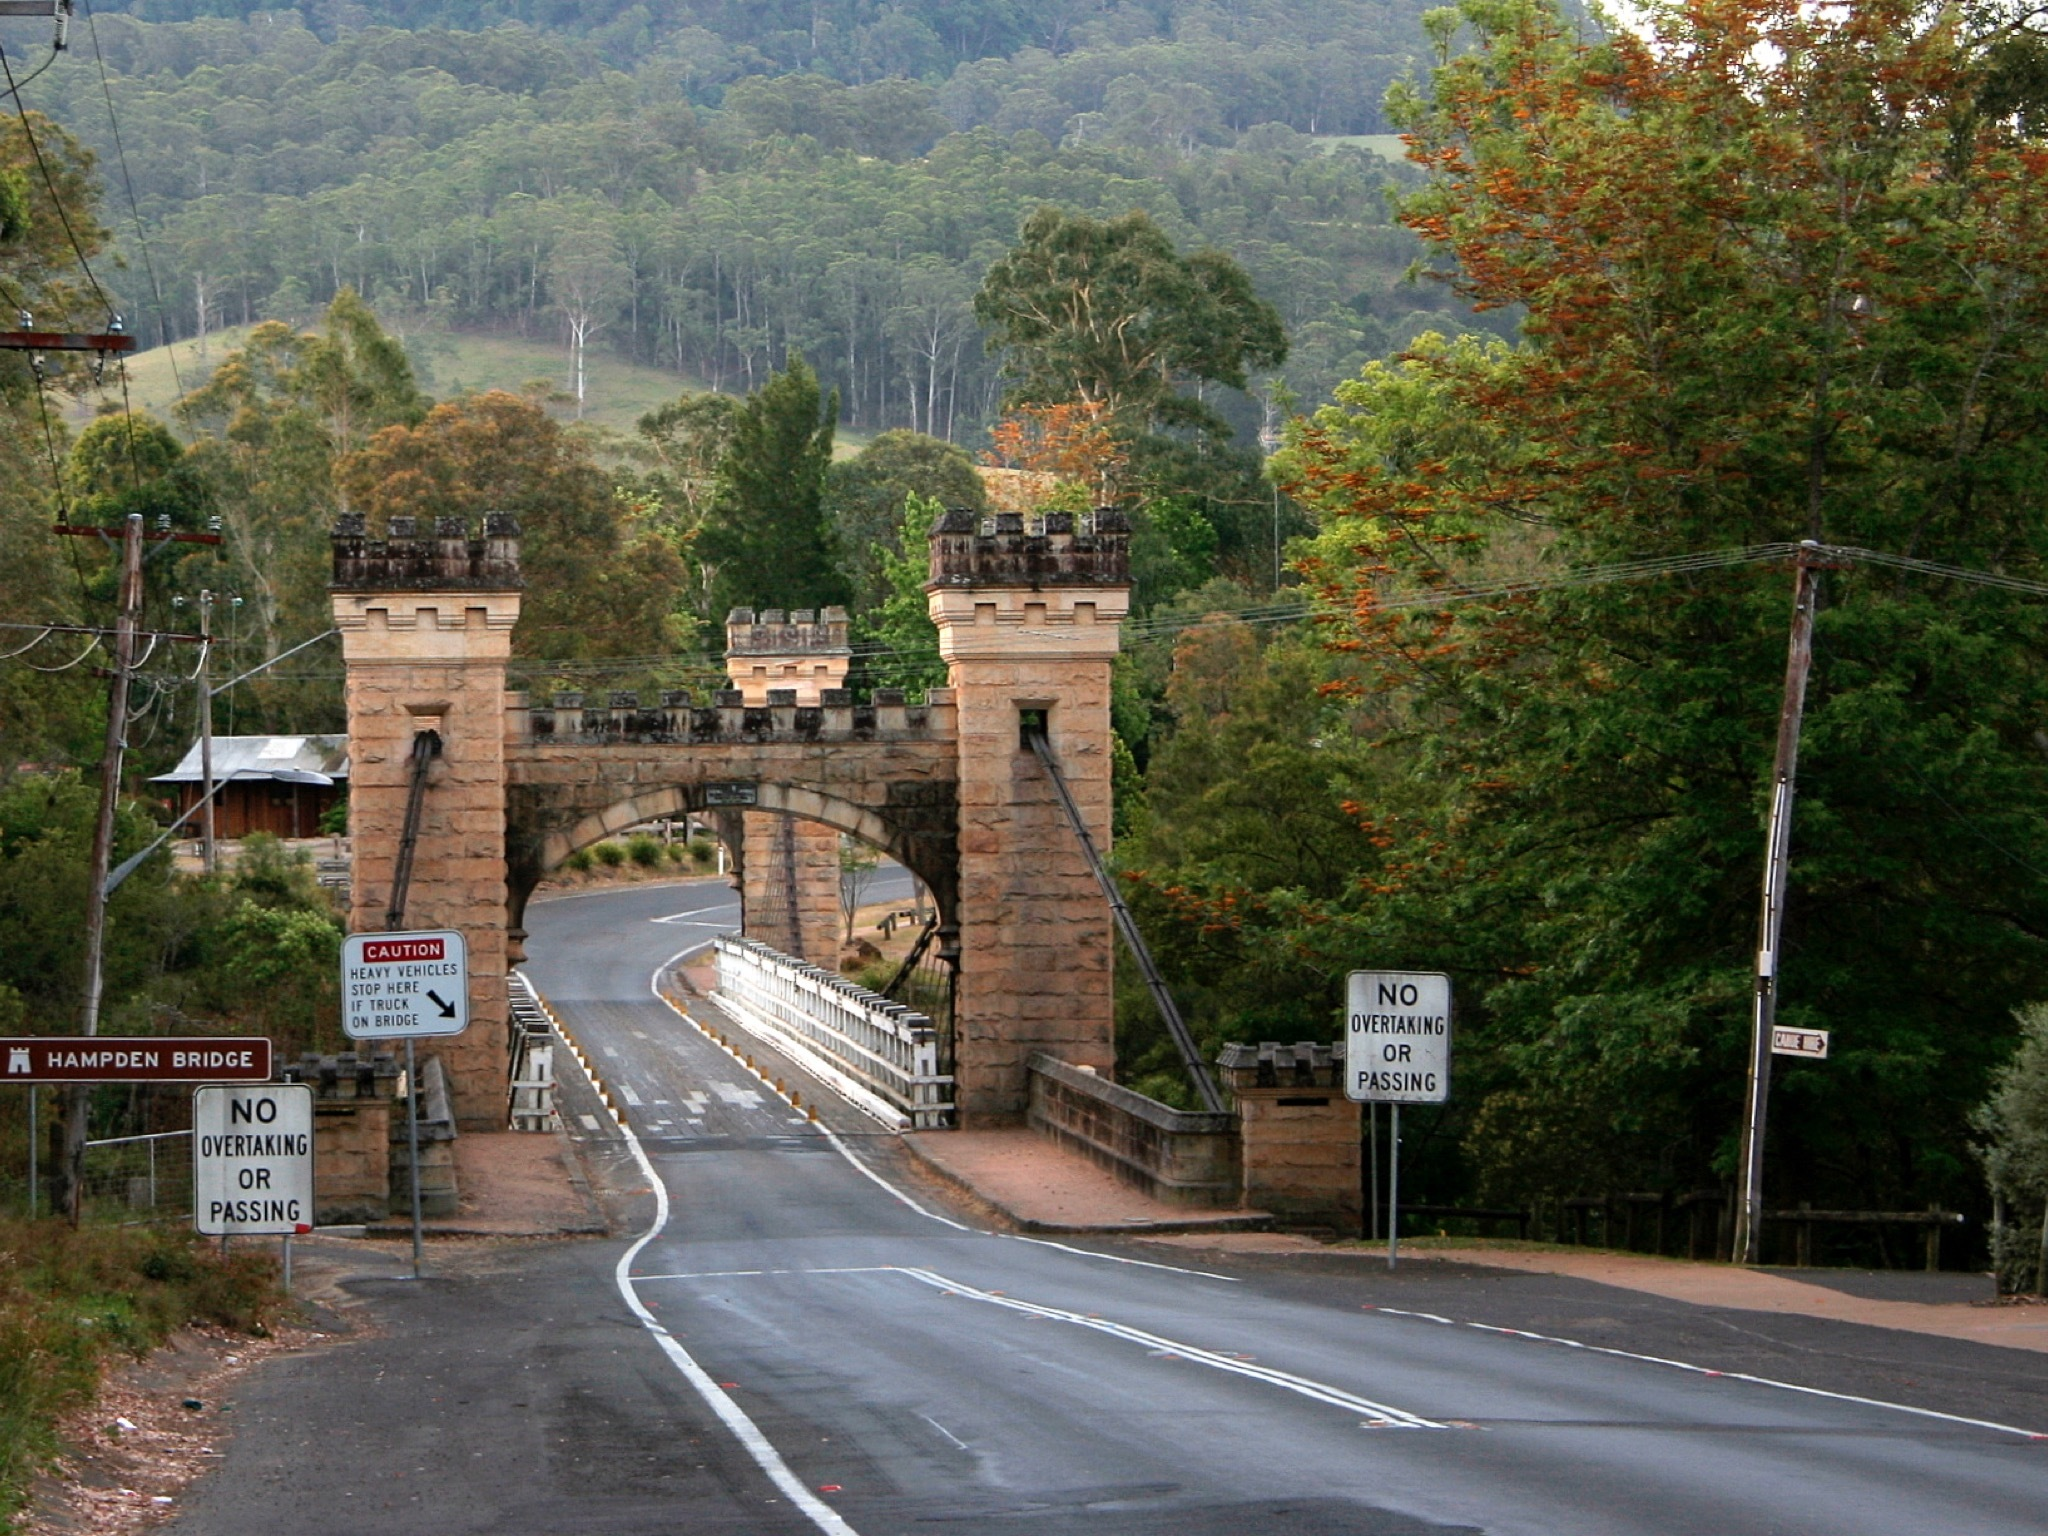 A weekend in Kangaroo Valley